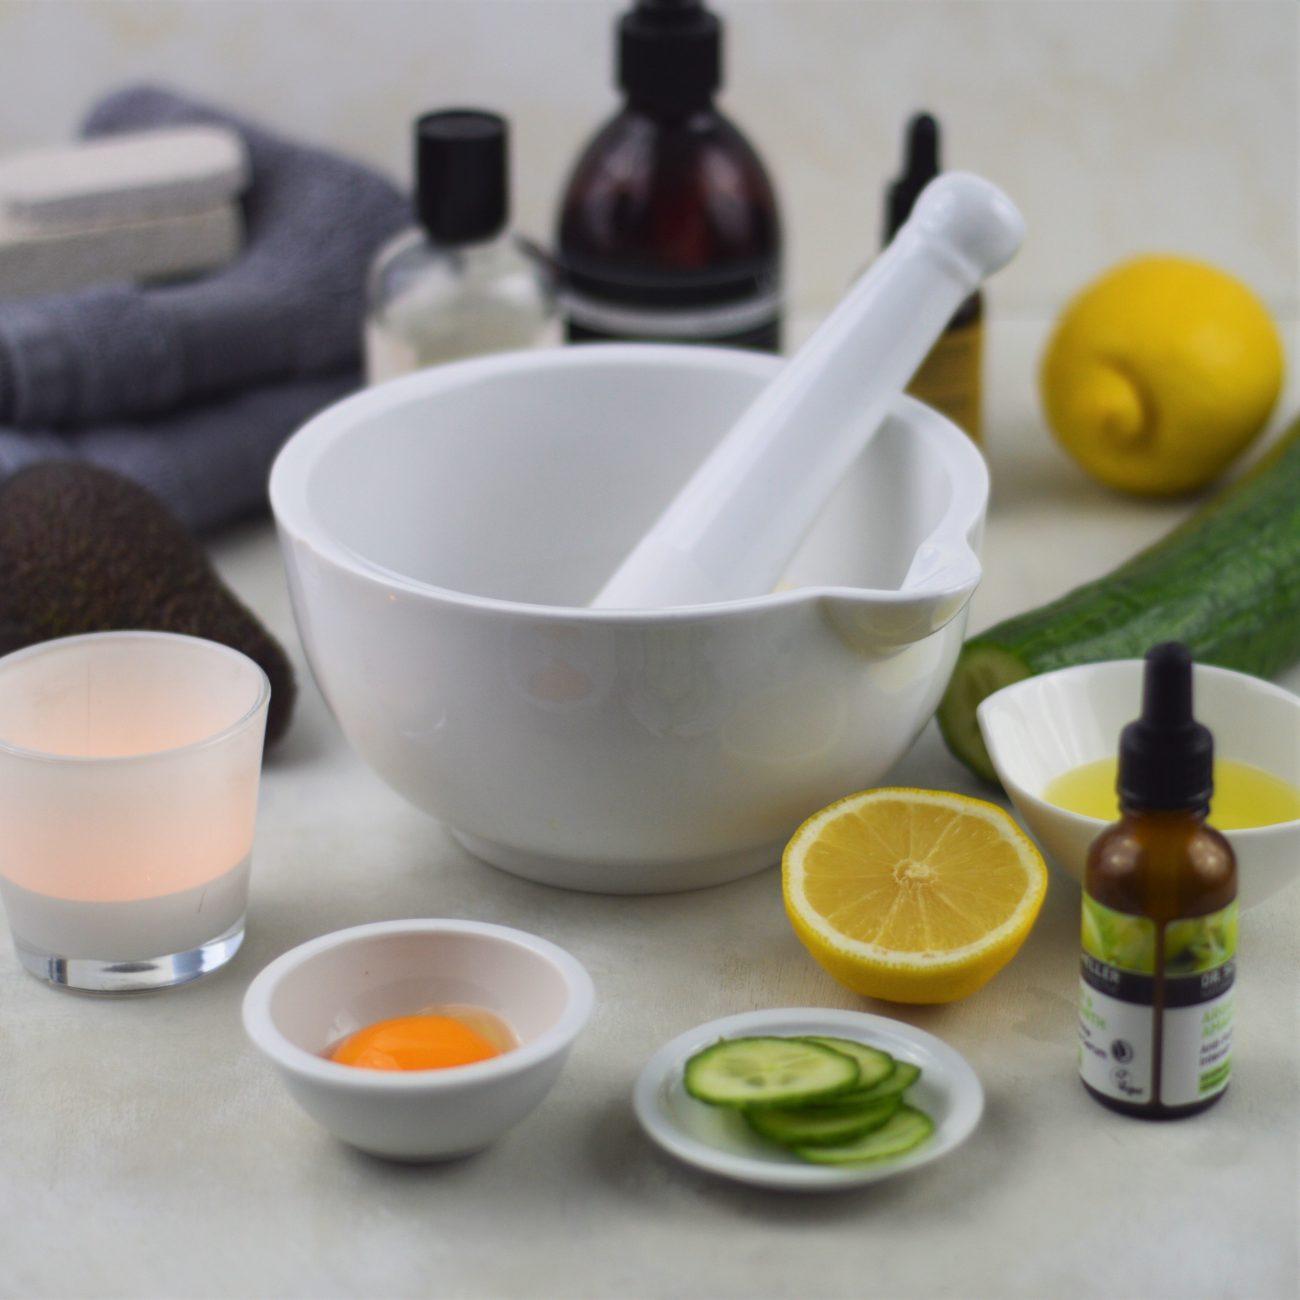 5 gezichtsmaskers met ingrediënten uit de keukenkast